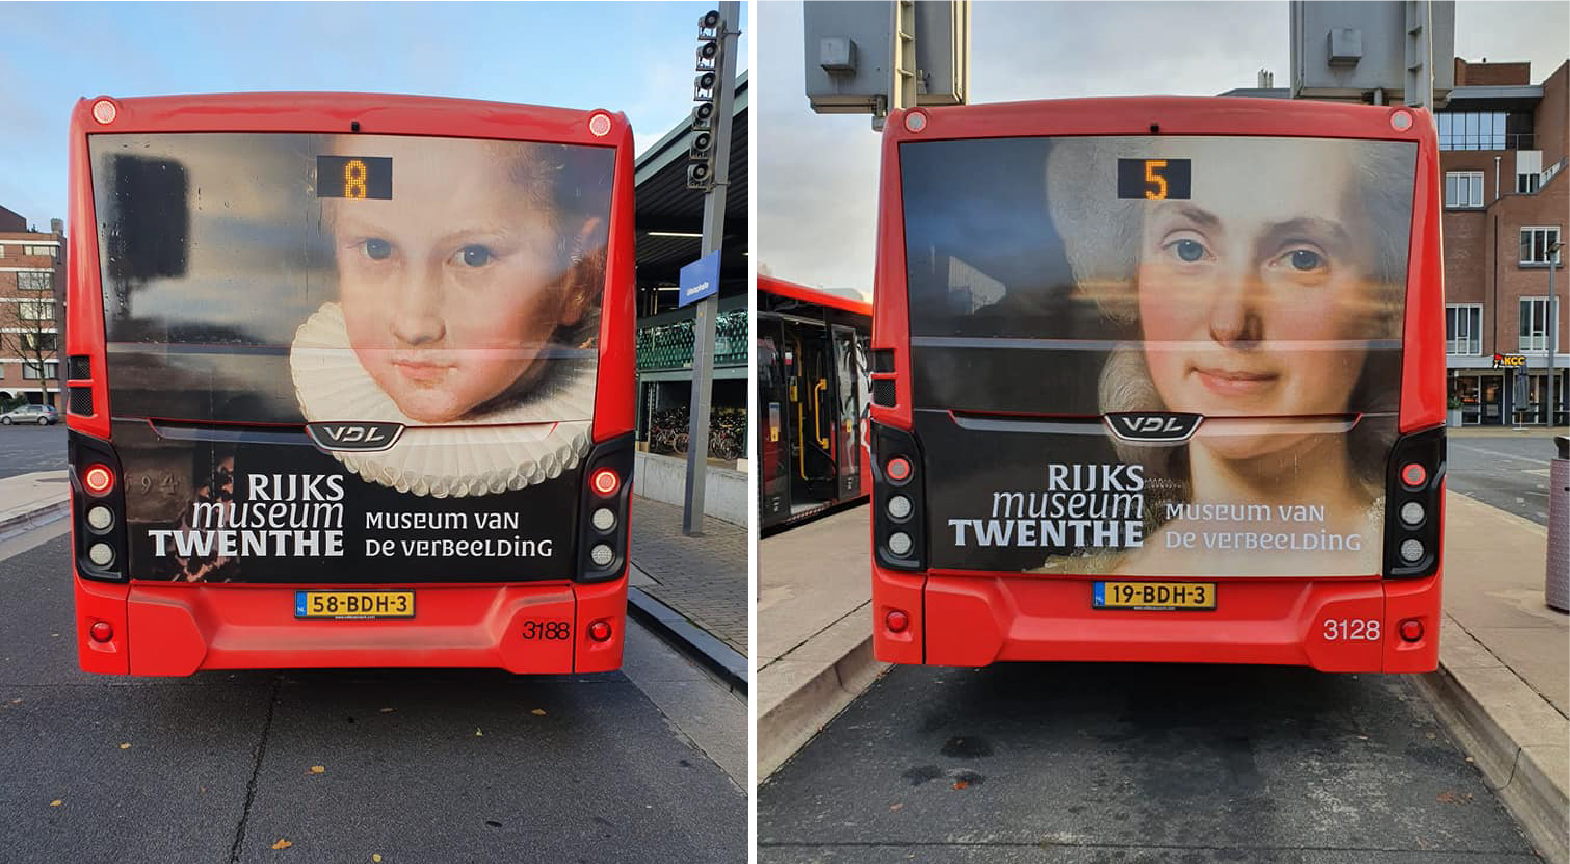 Rijks Museum Promotional Bus